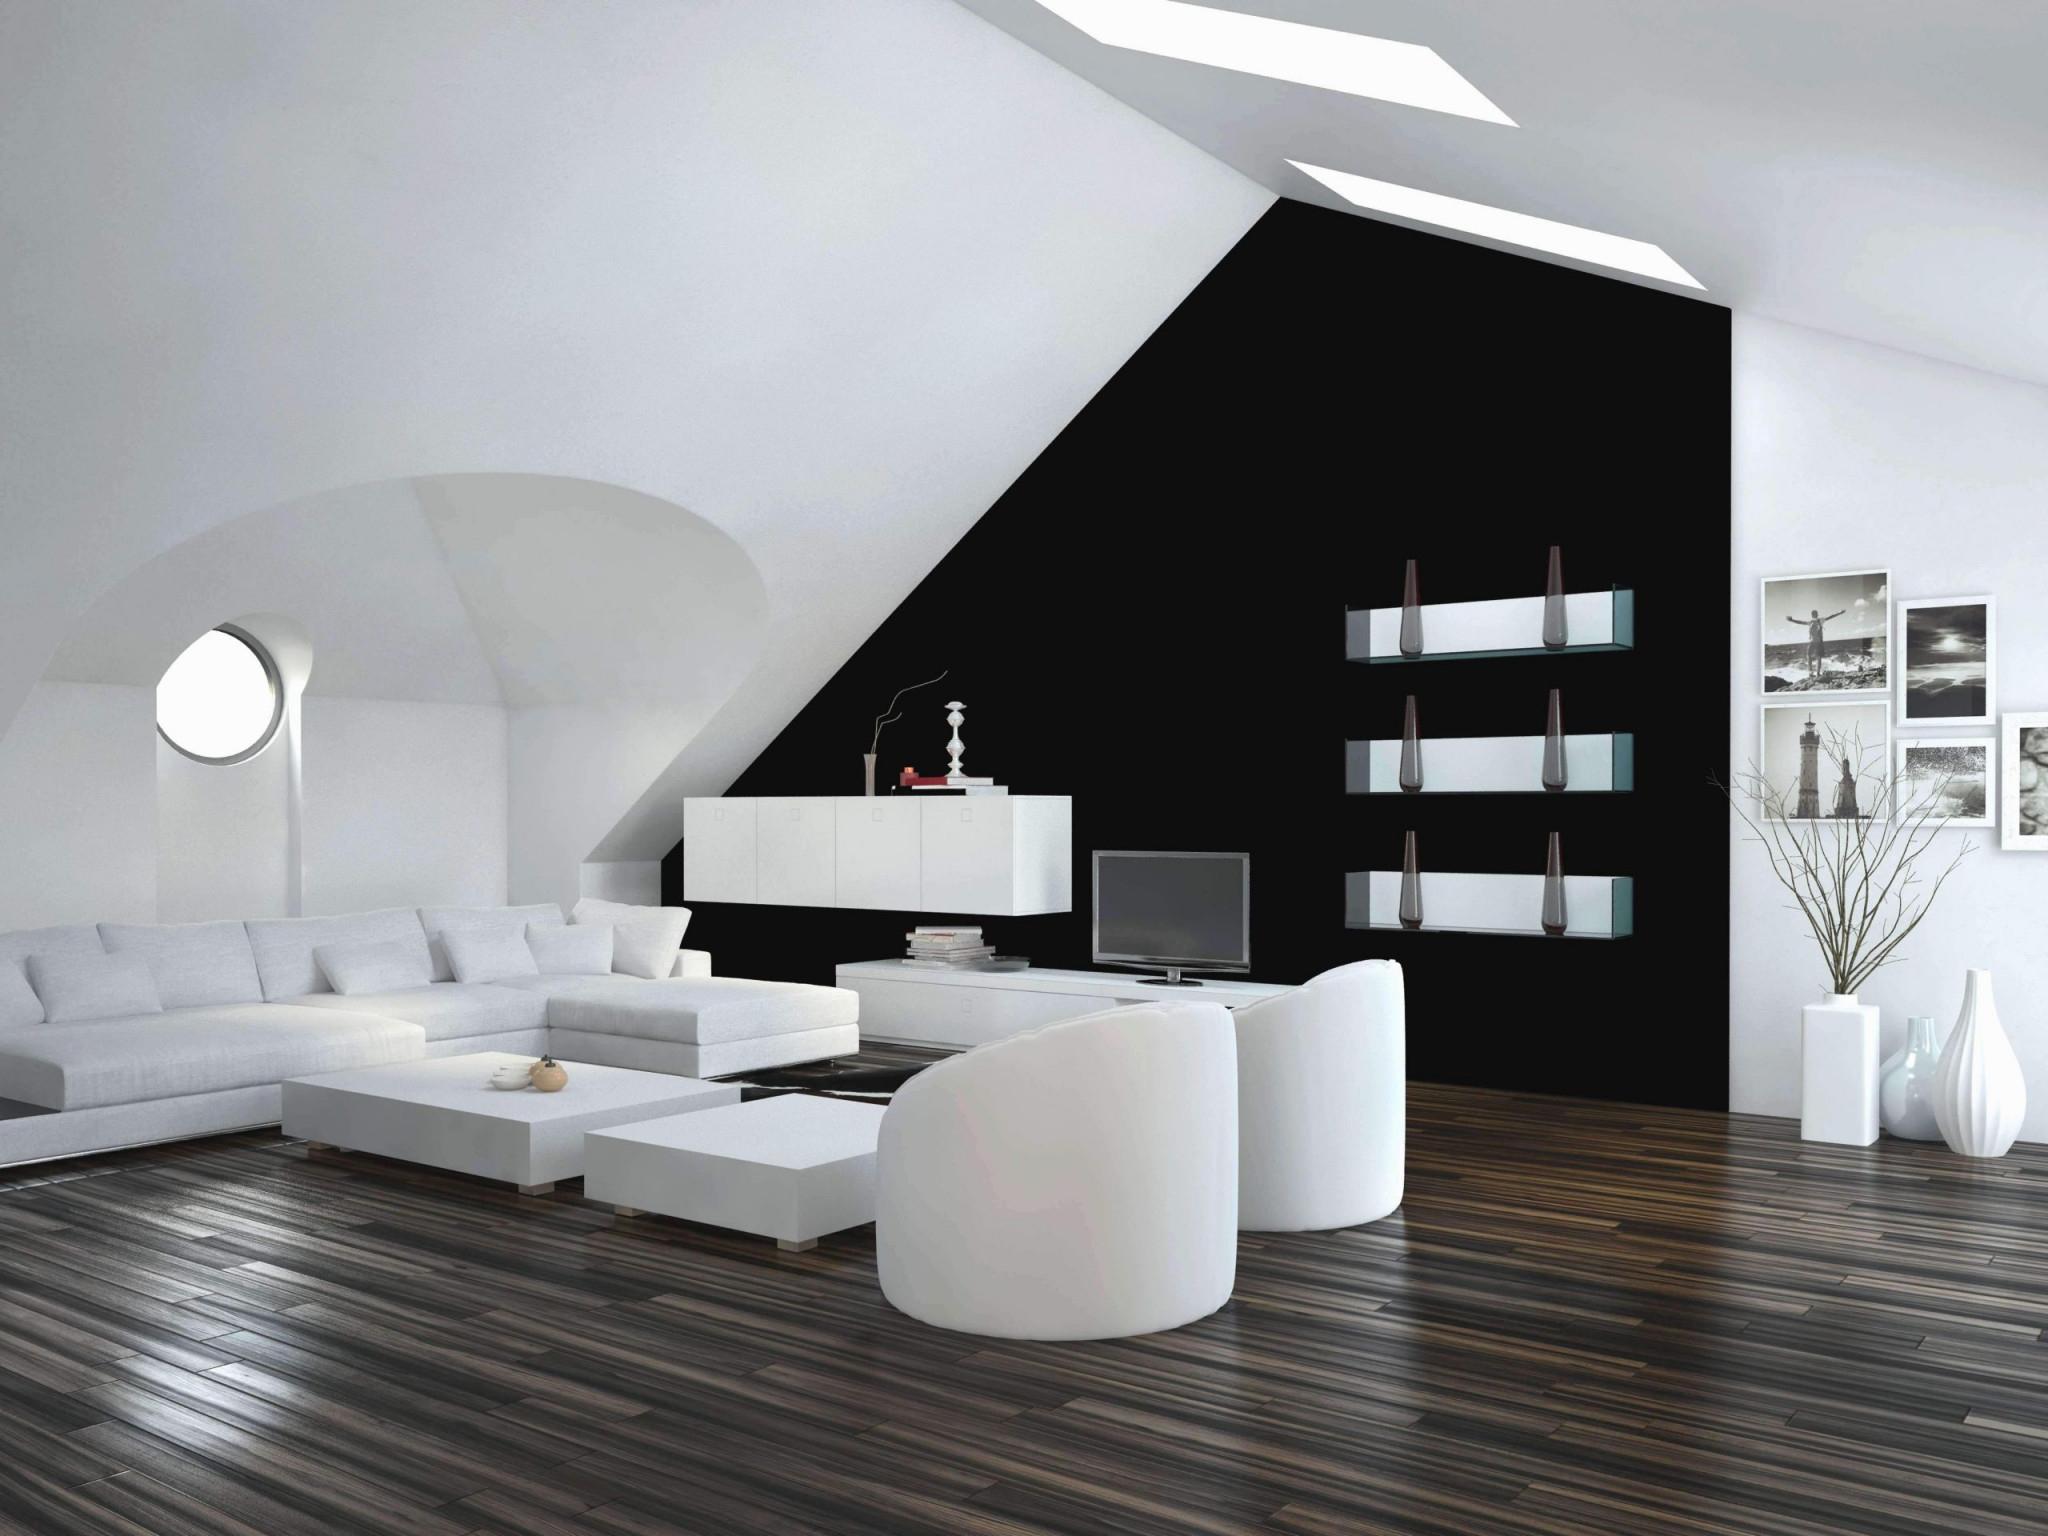 Wanddekoration Ideen Wohnzimmer Luxus 30 Schön Wanddeko von Moderne Wanddekoration Wohnzimmer Photo